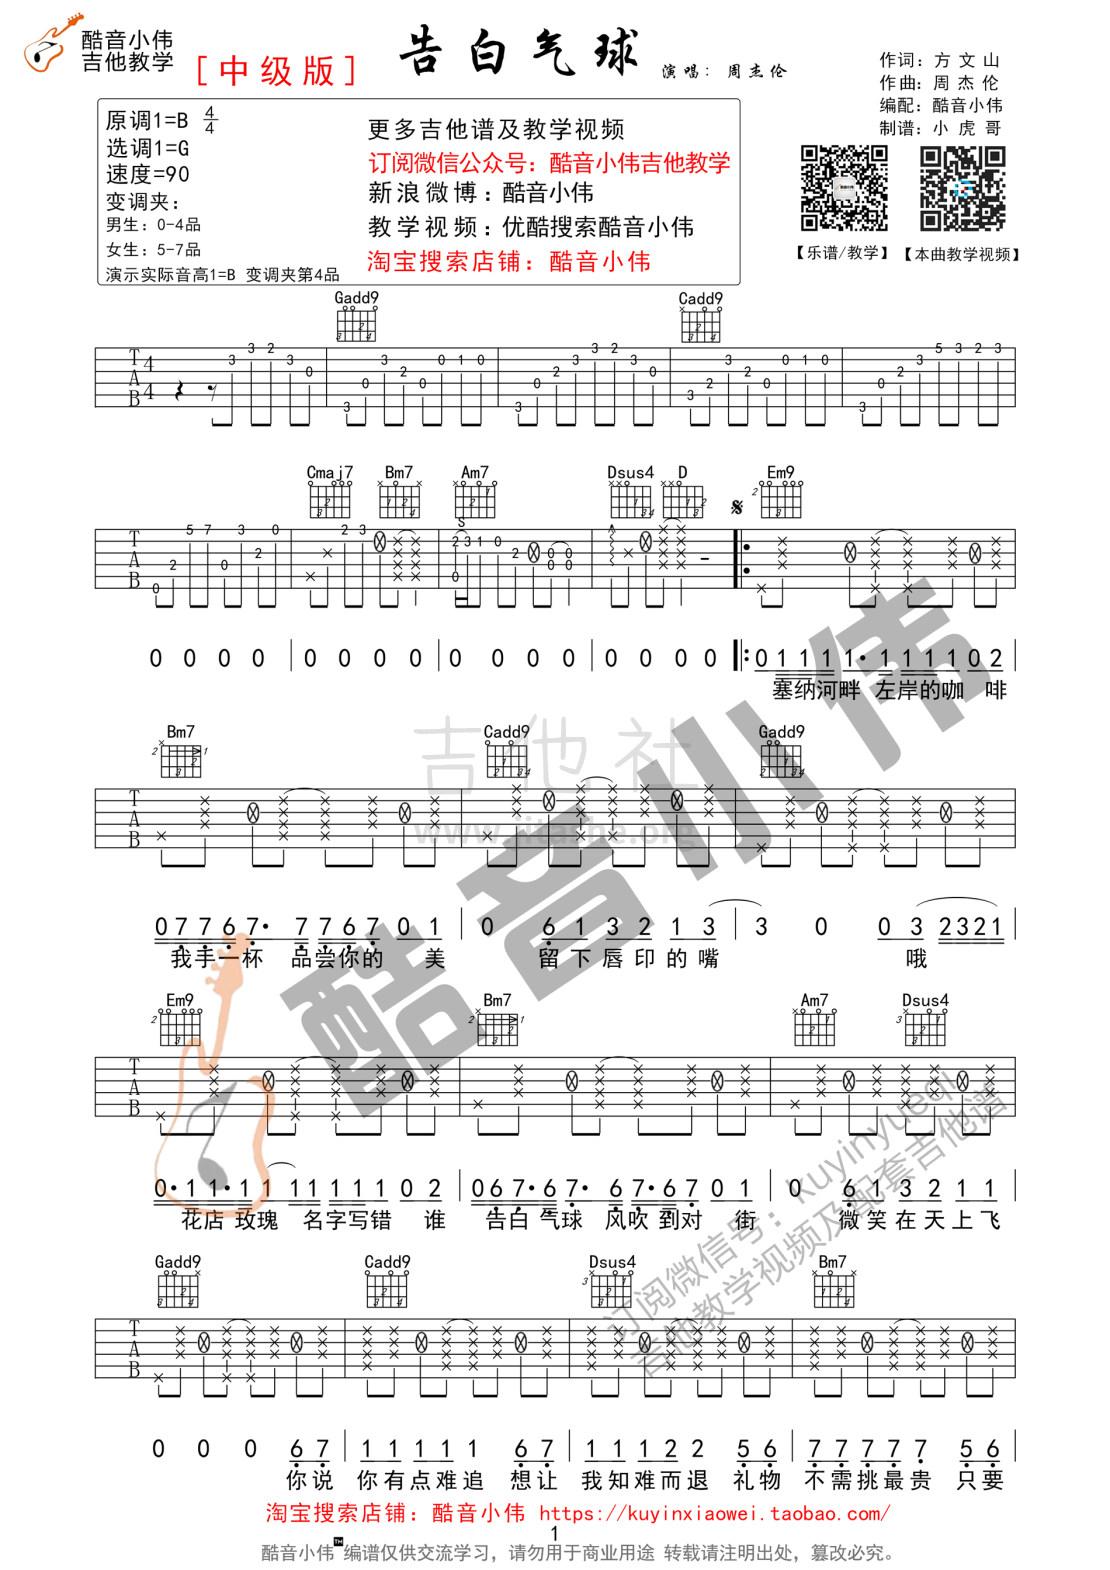 告白气球(原版带前奏间奏 酷音小伟吉他教学)吉他谱(图片谱,酷音小伟,弹唱,教学)_周杰伦(Jay Chou)_告白气球谱子01.jpg